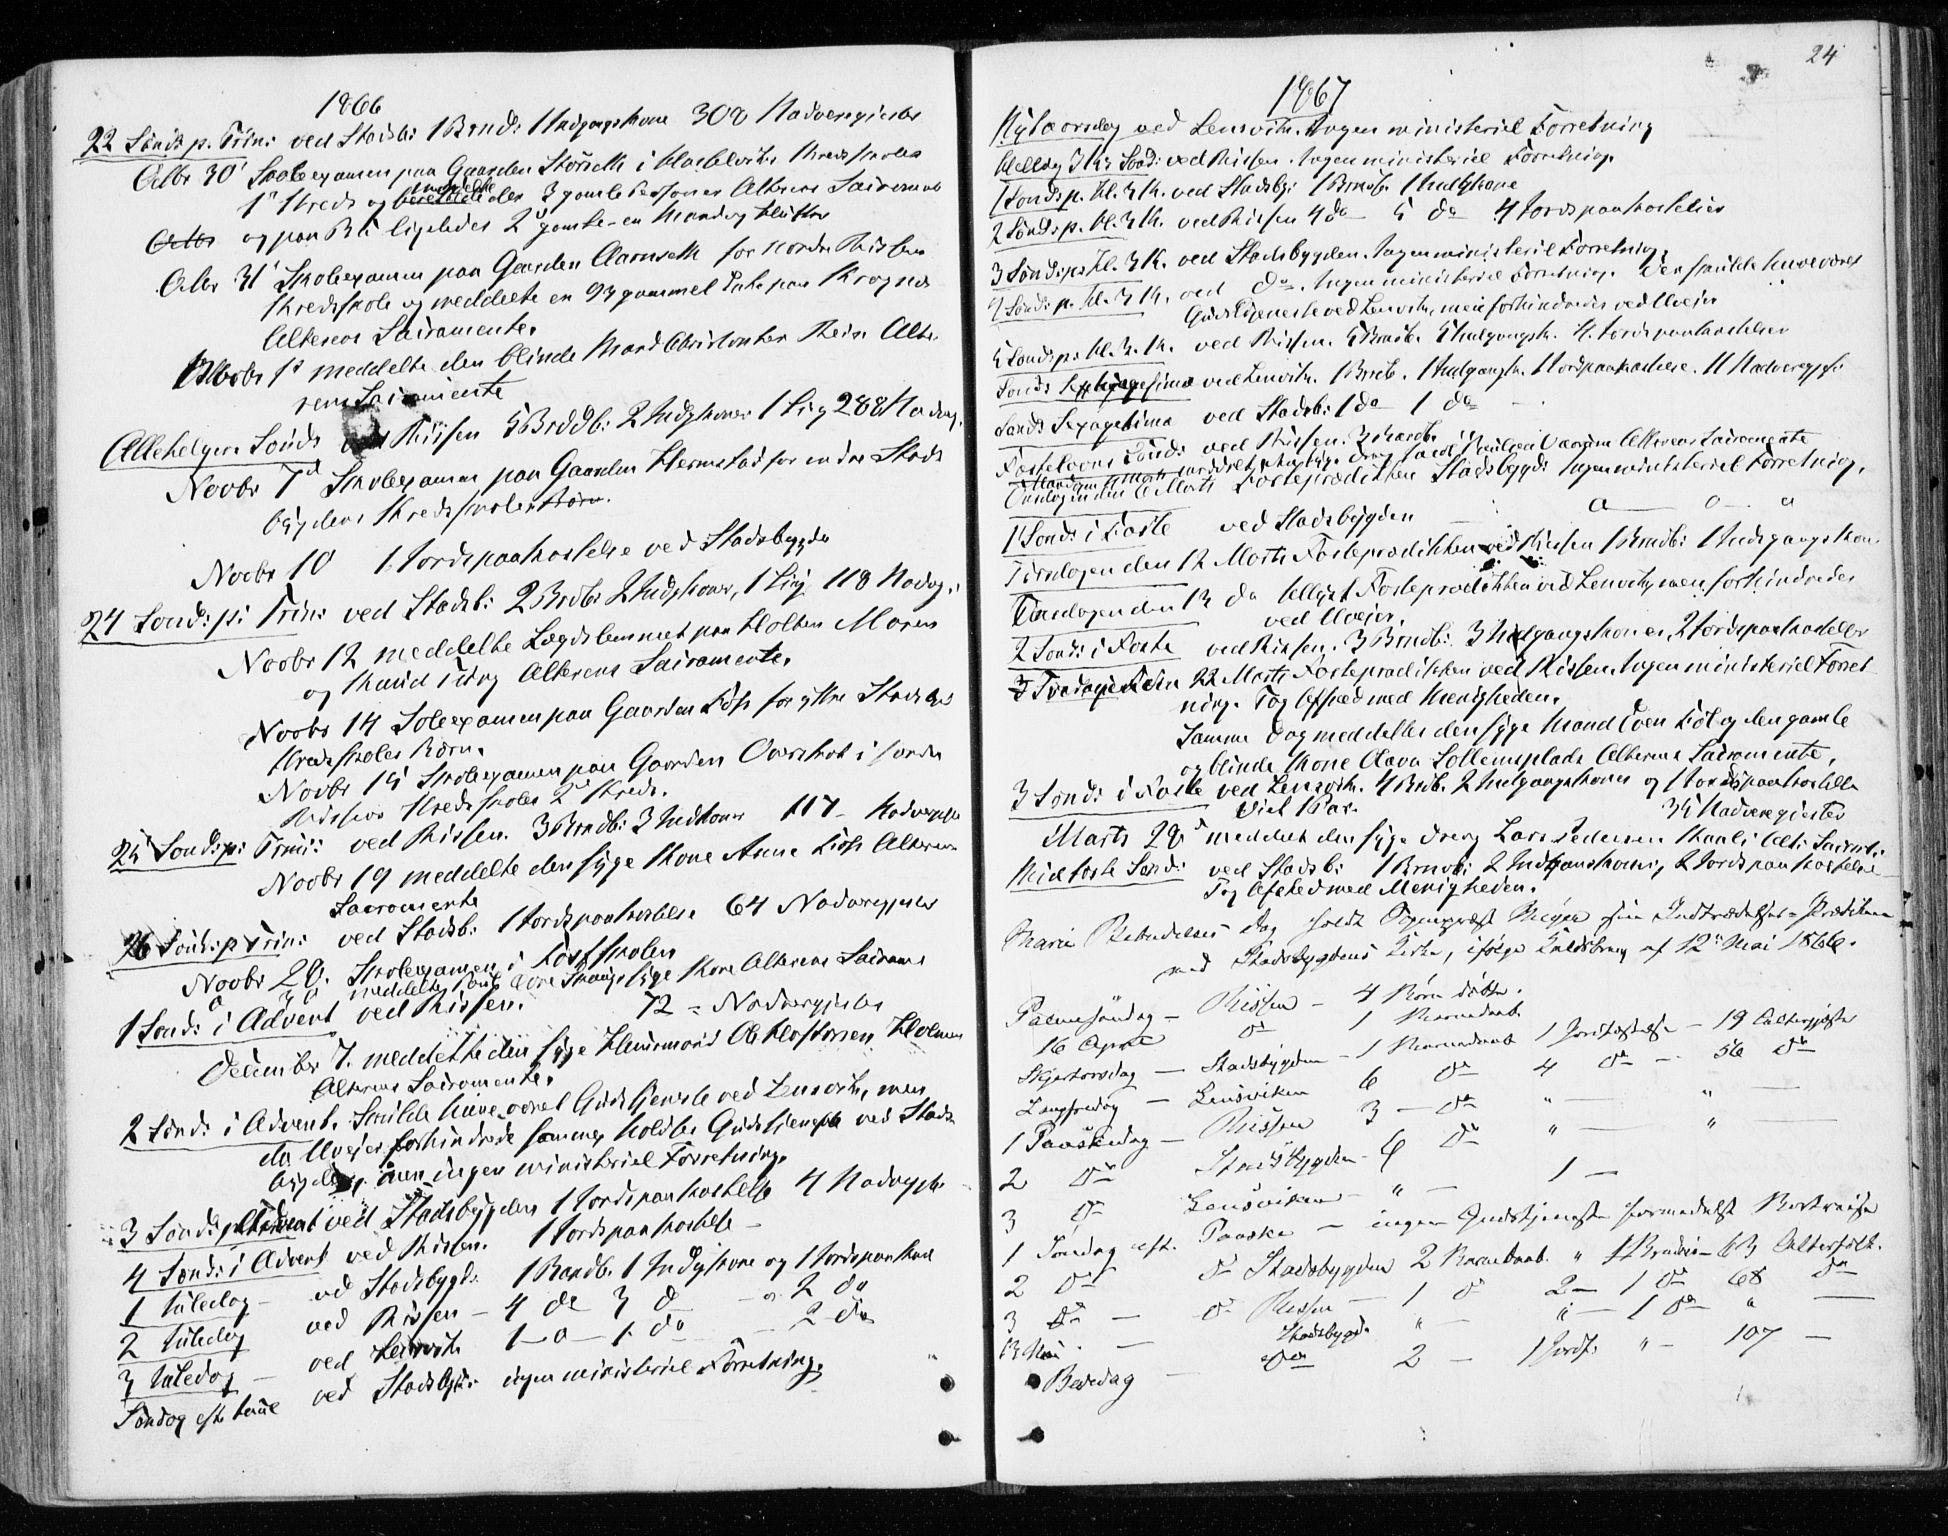 SAT, Ministerialprotokoller, klokkerbøker og fødselsregistre - Sør-Trøndelag, 646/L0612: Ministerialbok nr. 646A10, 1858-1869, s. 24